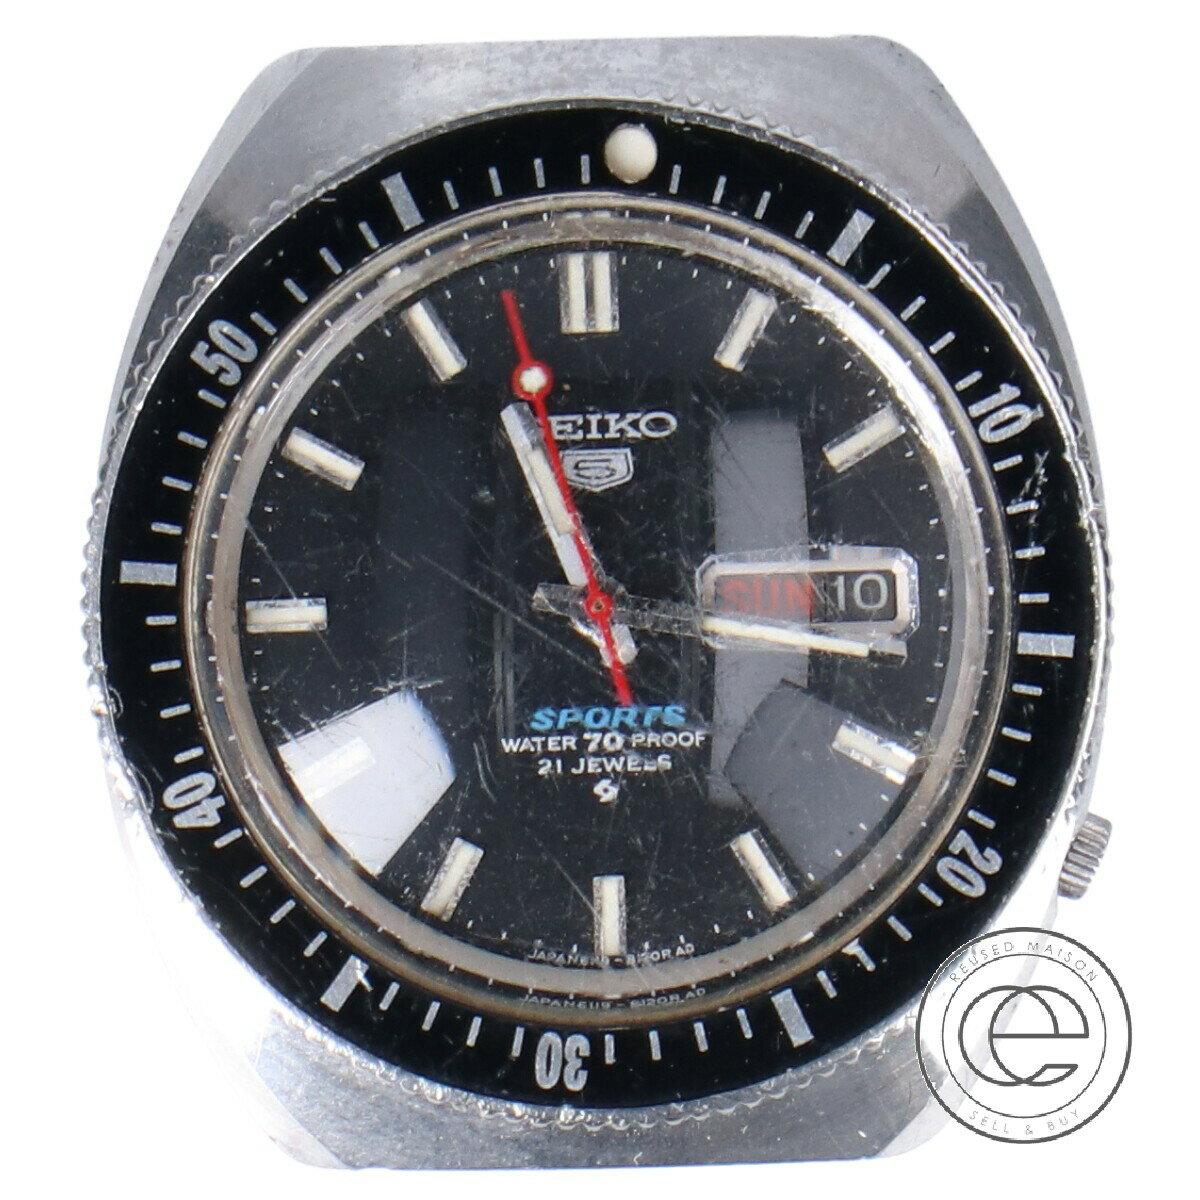 腕時計, メンズ腕時計 SEIKO 6119-8120 SEIKO 5 SPORT 5